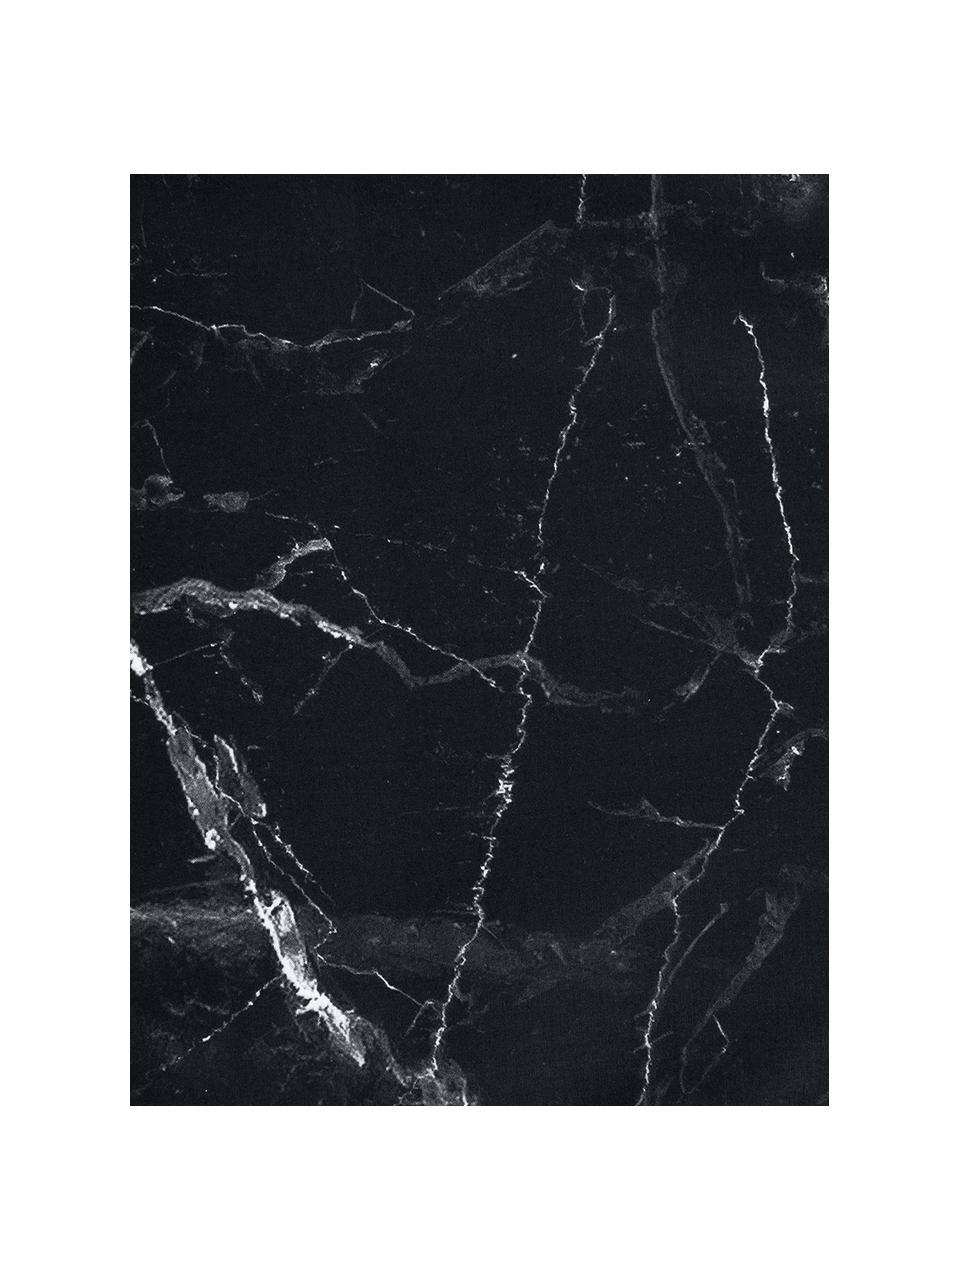 Baumwollperkal-Bettwäsche Malin mit Marmor-Muster, Webart: Perkal Fadendichte 200 TC, Schwarz, 240 x 220 cm + 2 Kissen 80 x 80 cm